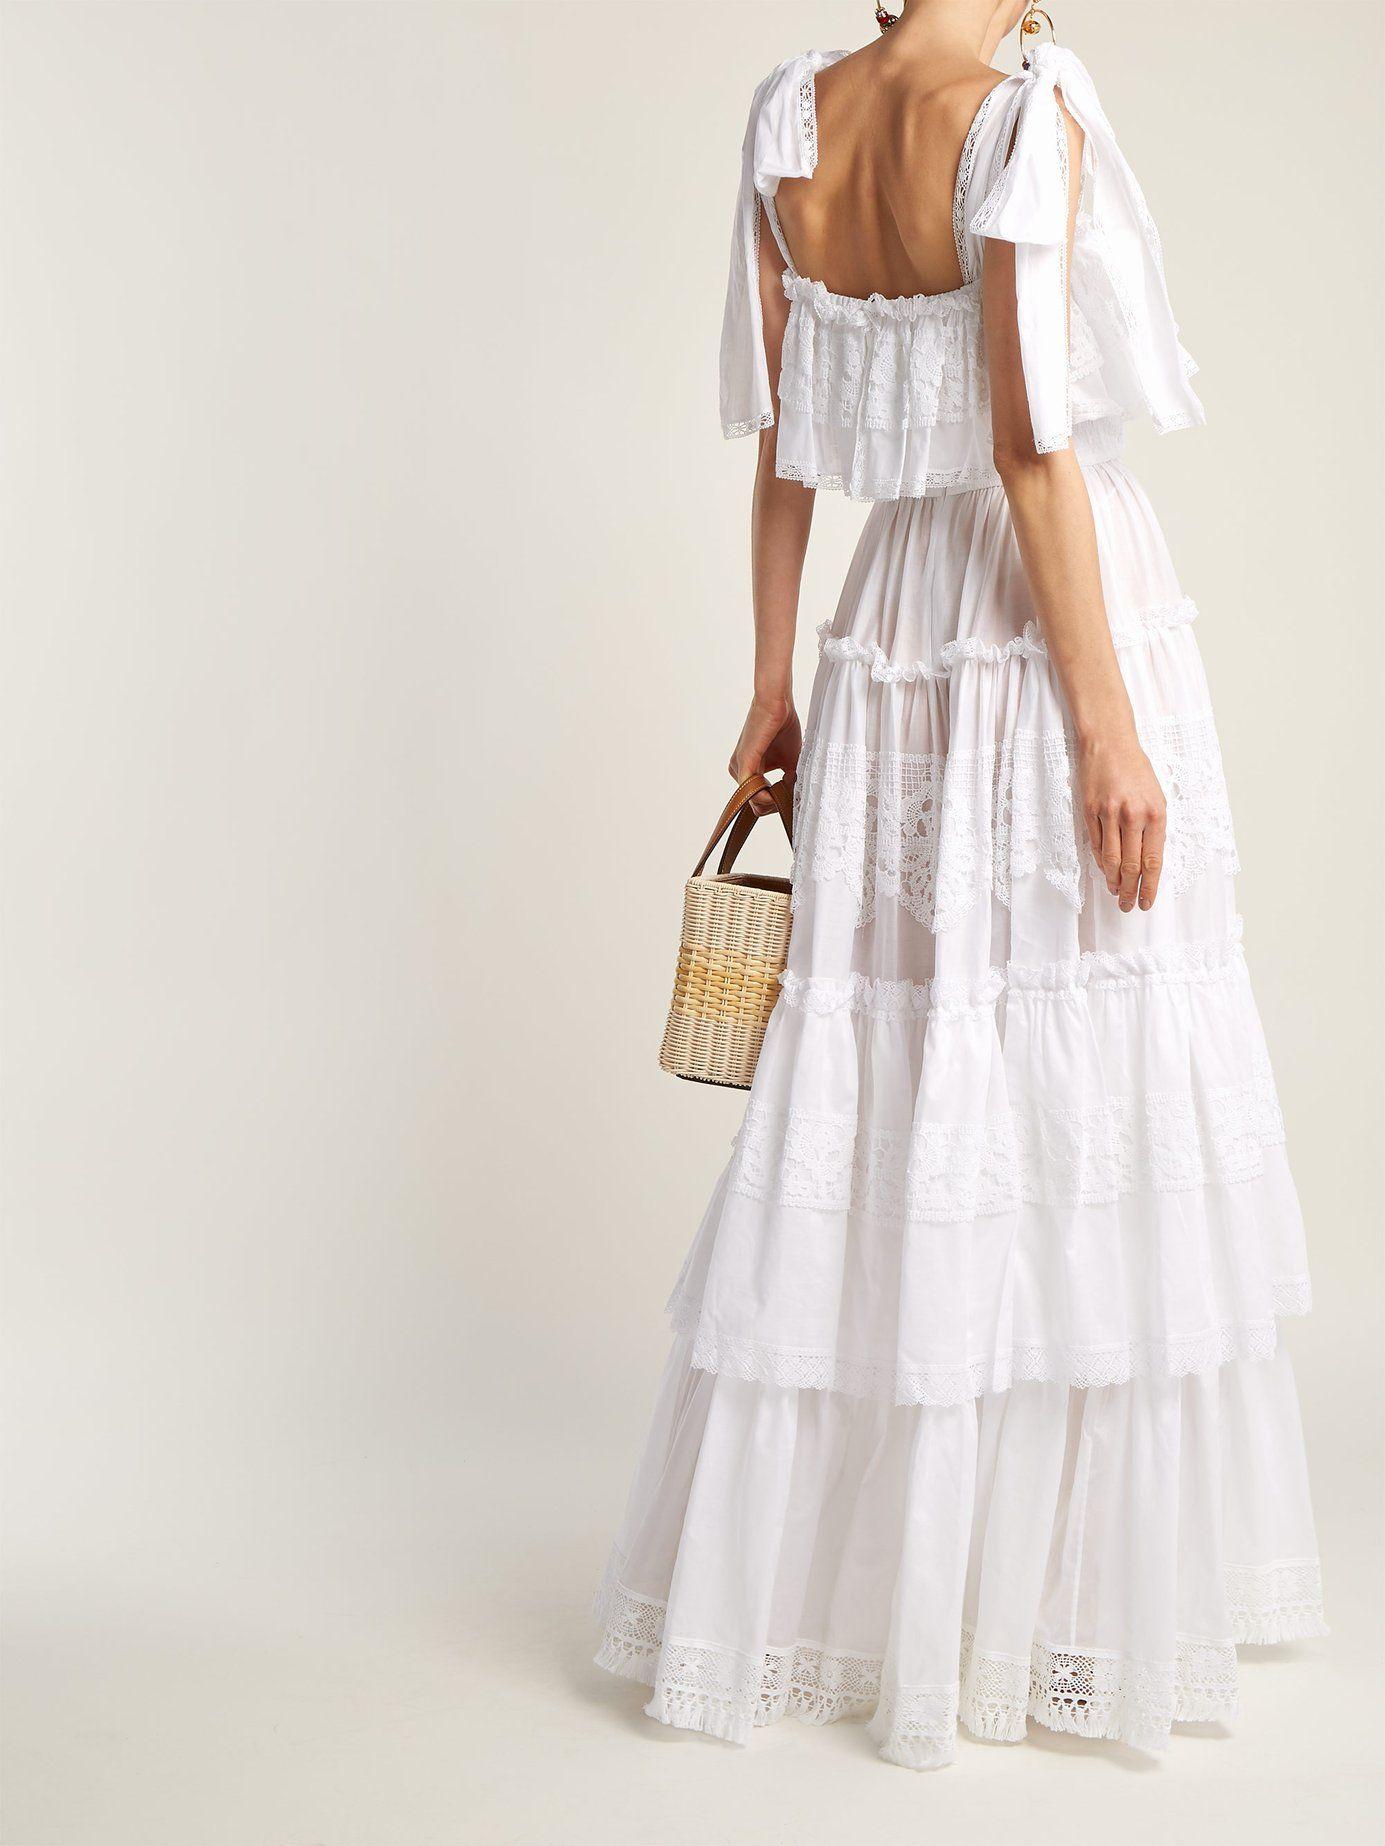 Cotton-mousseline lace-trimmed gown Dolce & Gabbana HM0zlVuO